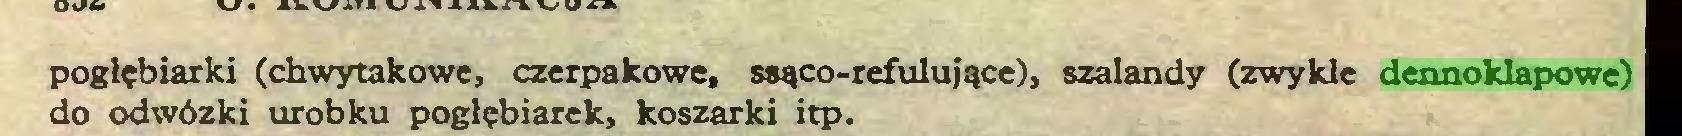 (...) pogłębiarki (chwytakowe, czerpakowe, ssąco-refulujące), szalandy (zwykle dennoklapowe) do odwózki urobku poglębiarek, koszarki itp...